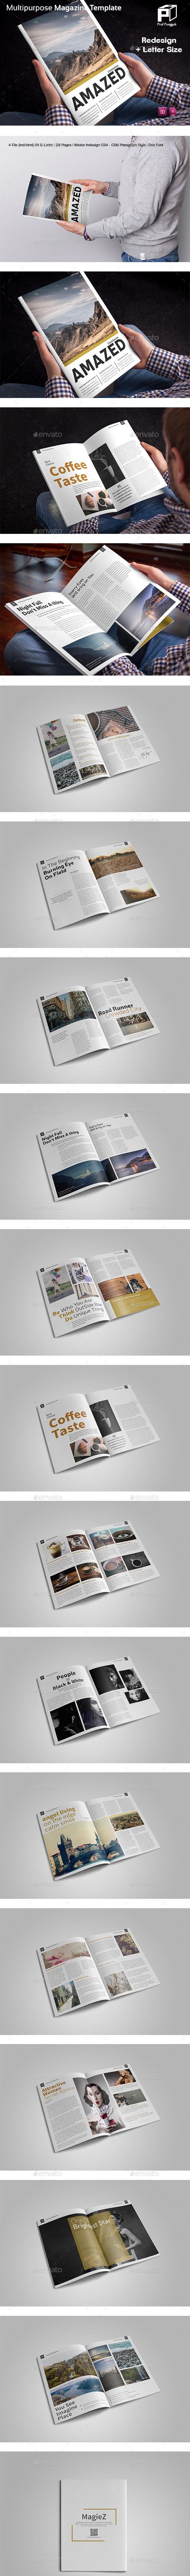 Multipurpose Magazine Vol.3 - Magazines Print Templates